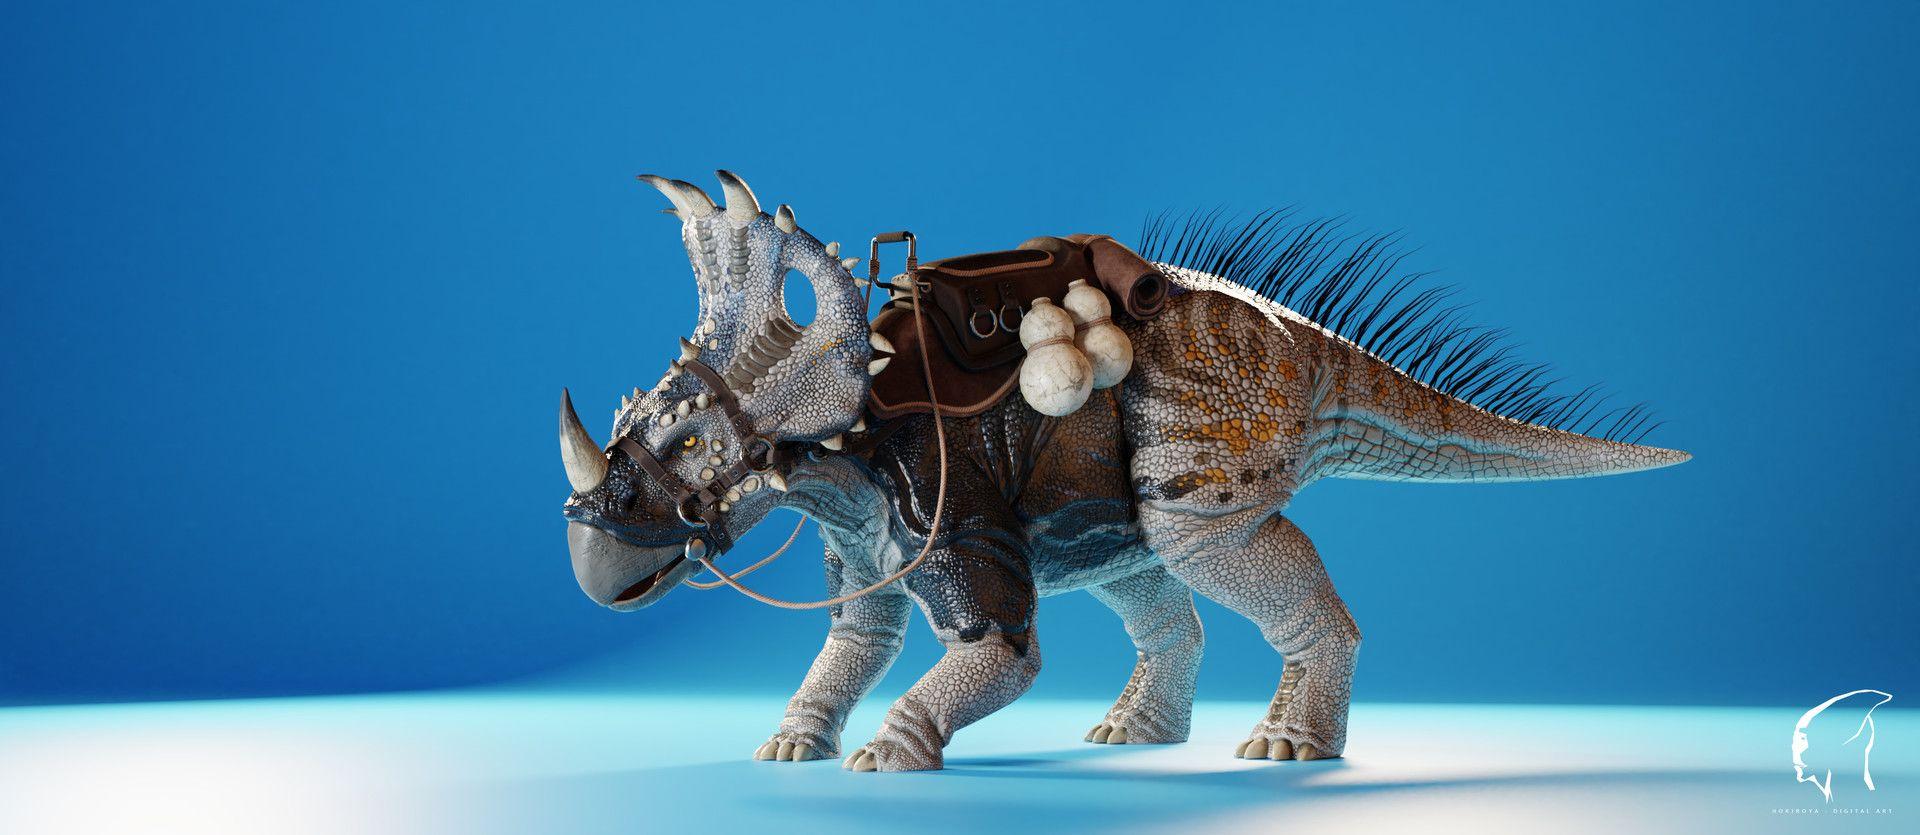 ArtStation - Sinoceratops - ARK:Mysterious Mysteries Mod